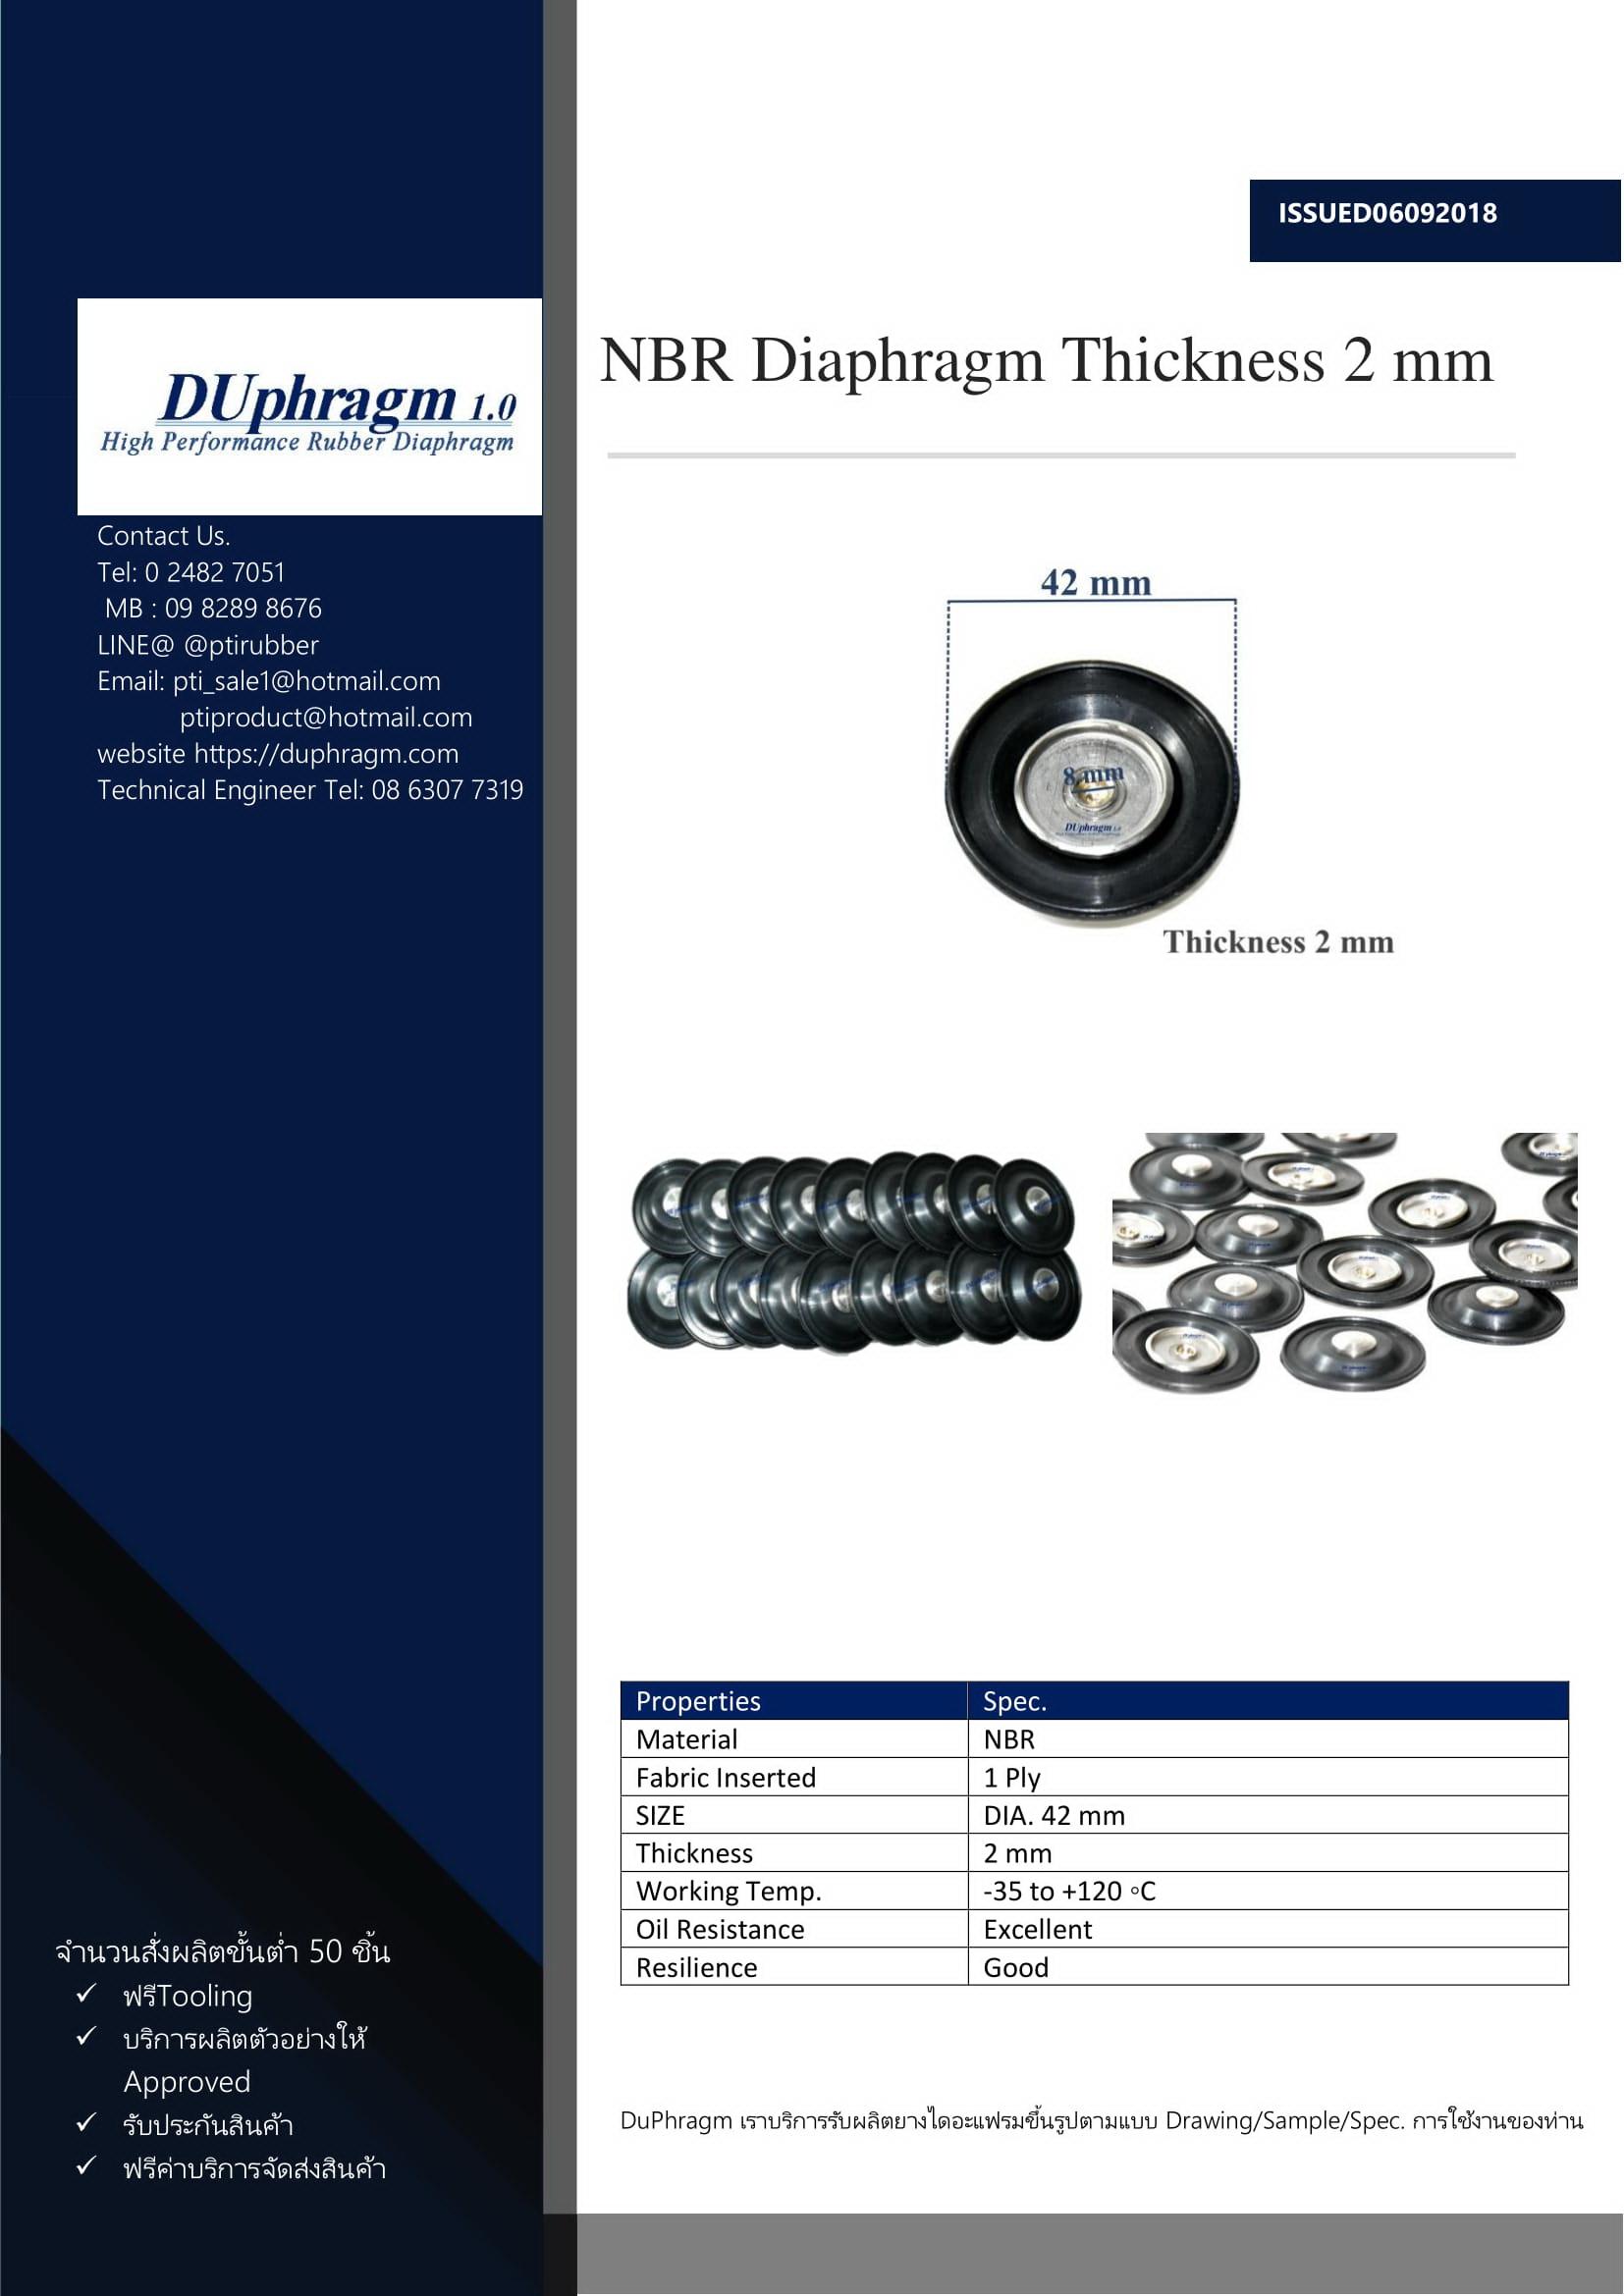 ยางไดอะแฟรมNBR ความหนา2mm Threaded pin Diaphragms-1